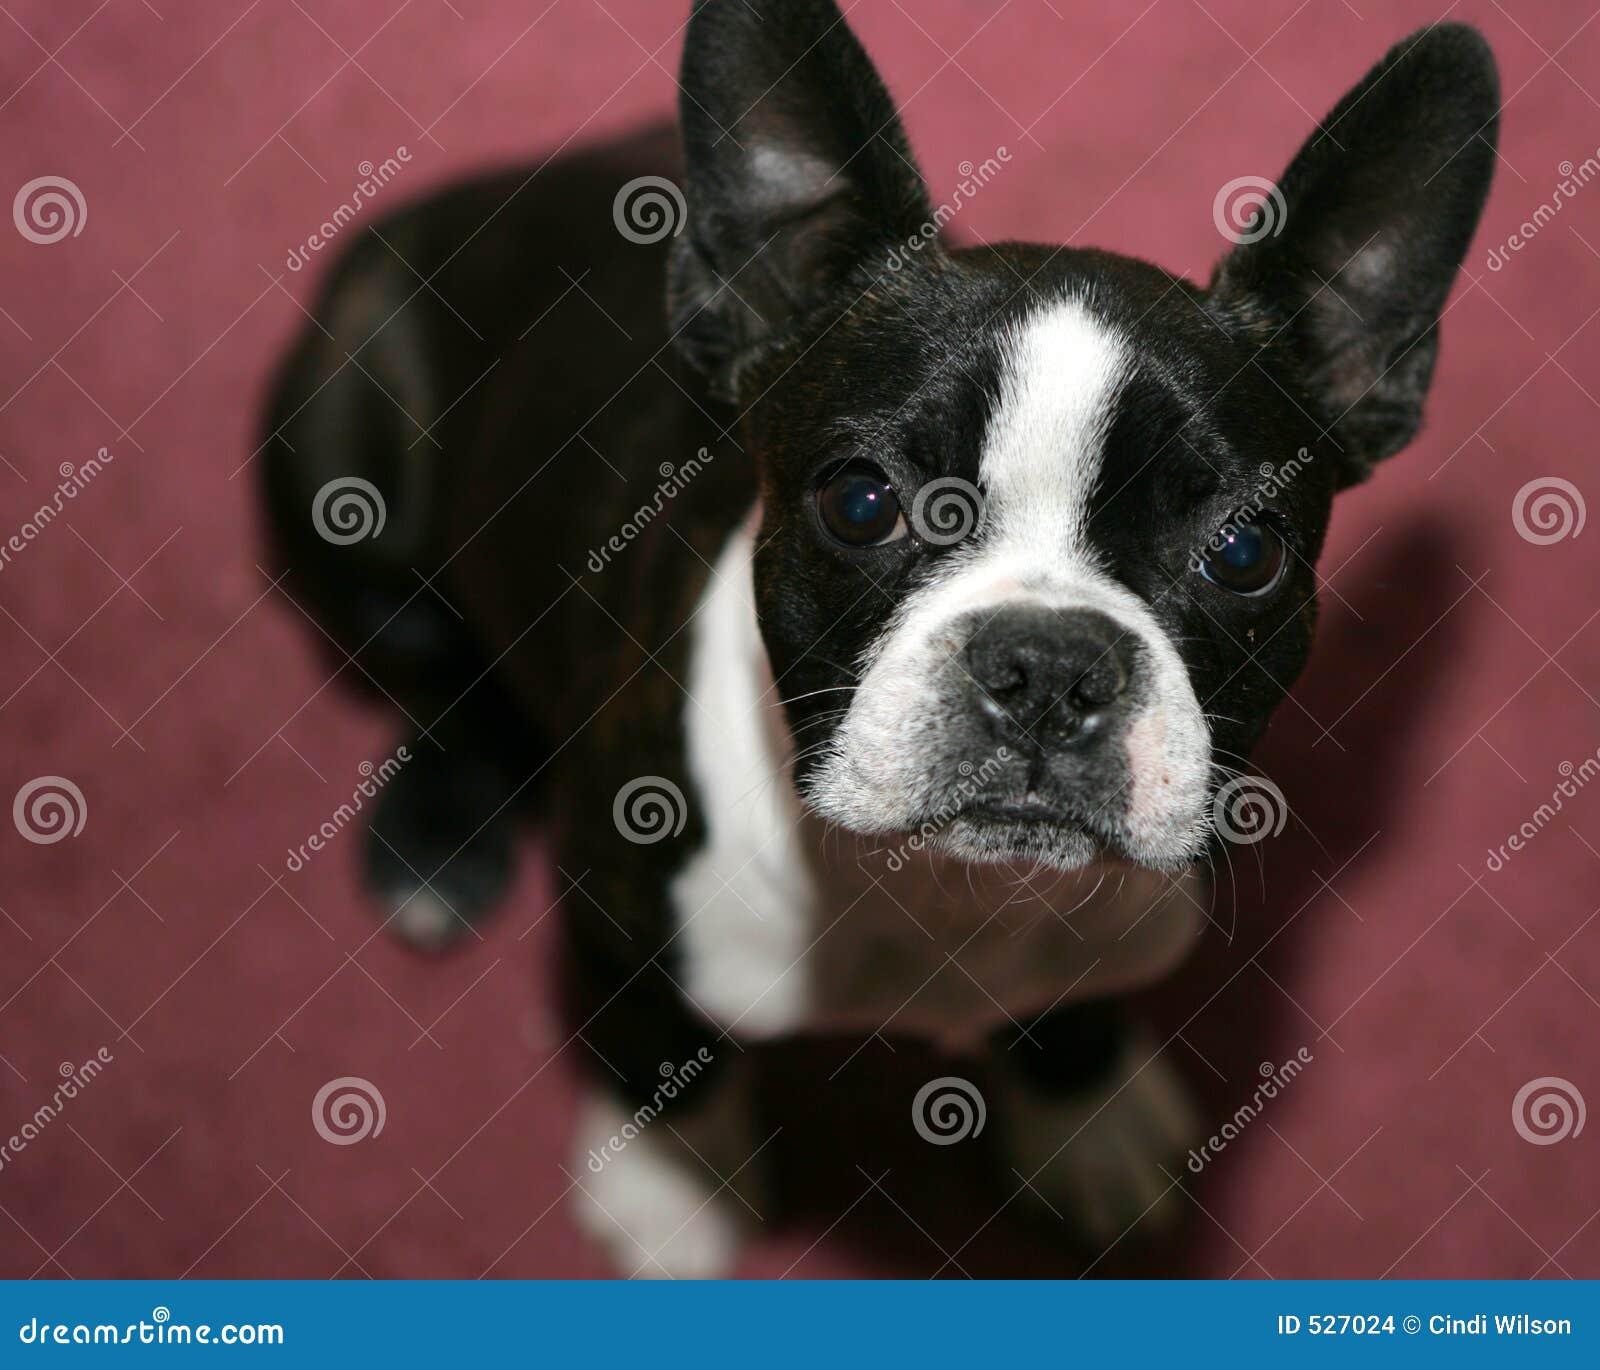 Download 波士顿狗 库存照片. 图片 包括有 国内, 酒精, 家谱, 纯血统, 查找, 朋友, 小狗, 笨蛋, 波西尼亚人 - 527024